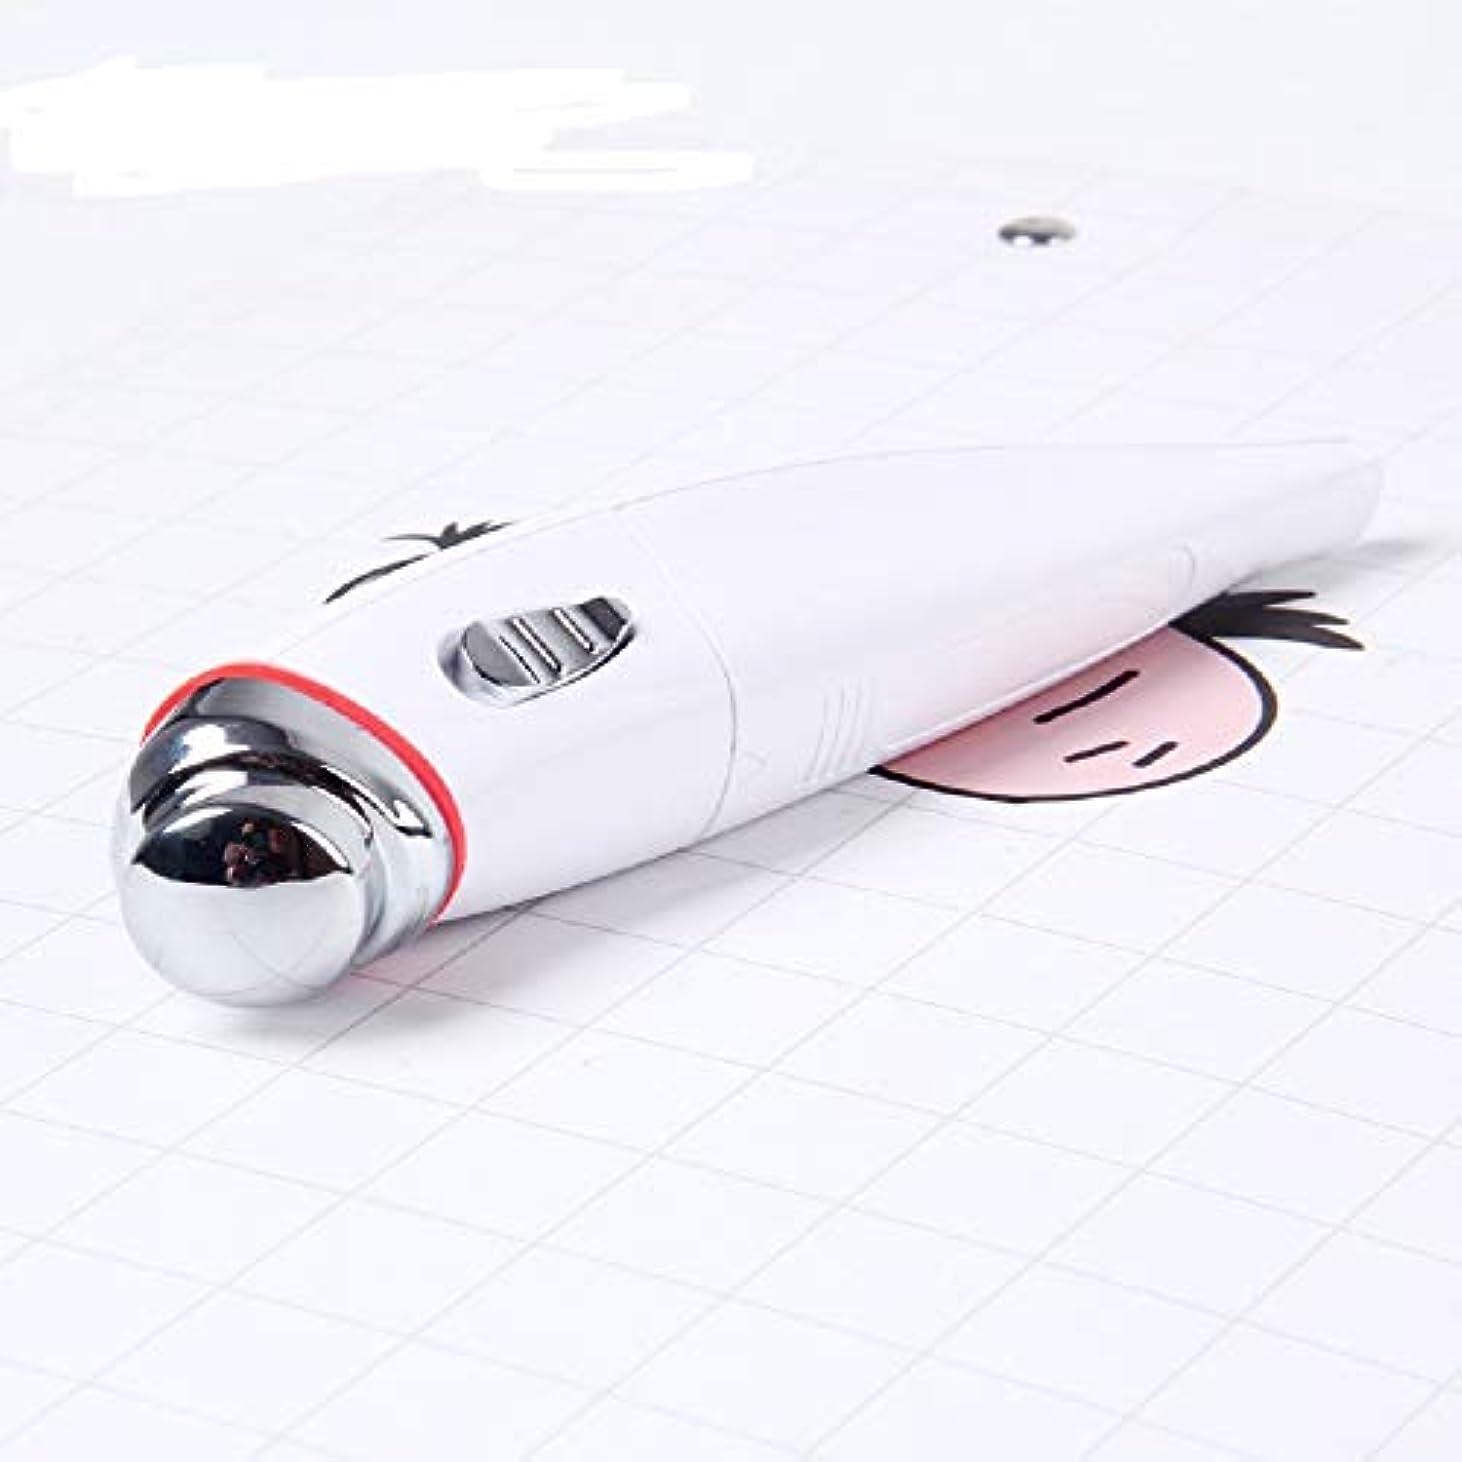 プレフィックス鏡寄付Ruzzy 振動マッサージ電動アイマッサージャー、振動マッサージ美容器具 購入へようこそ